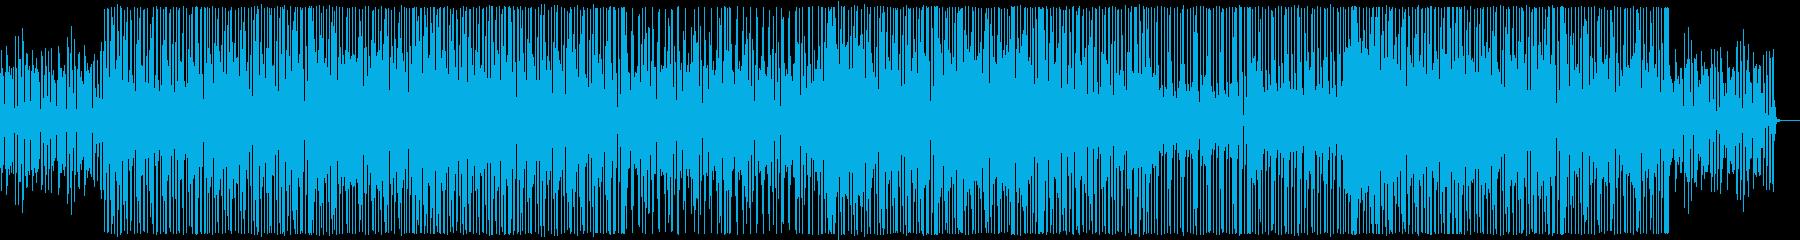 小気味良いリズムの軽快なブレイクビーツの再生済みの波形